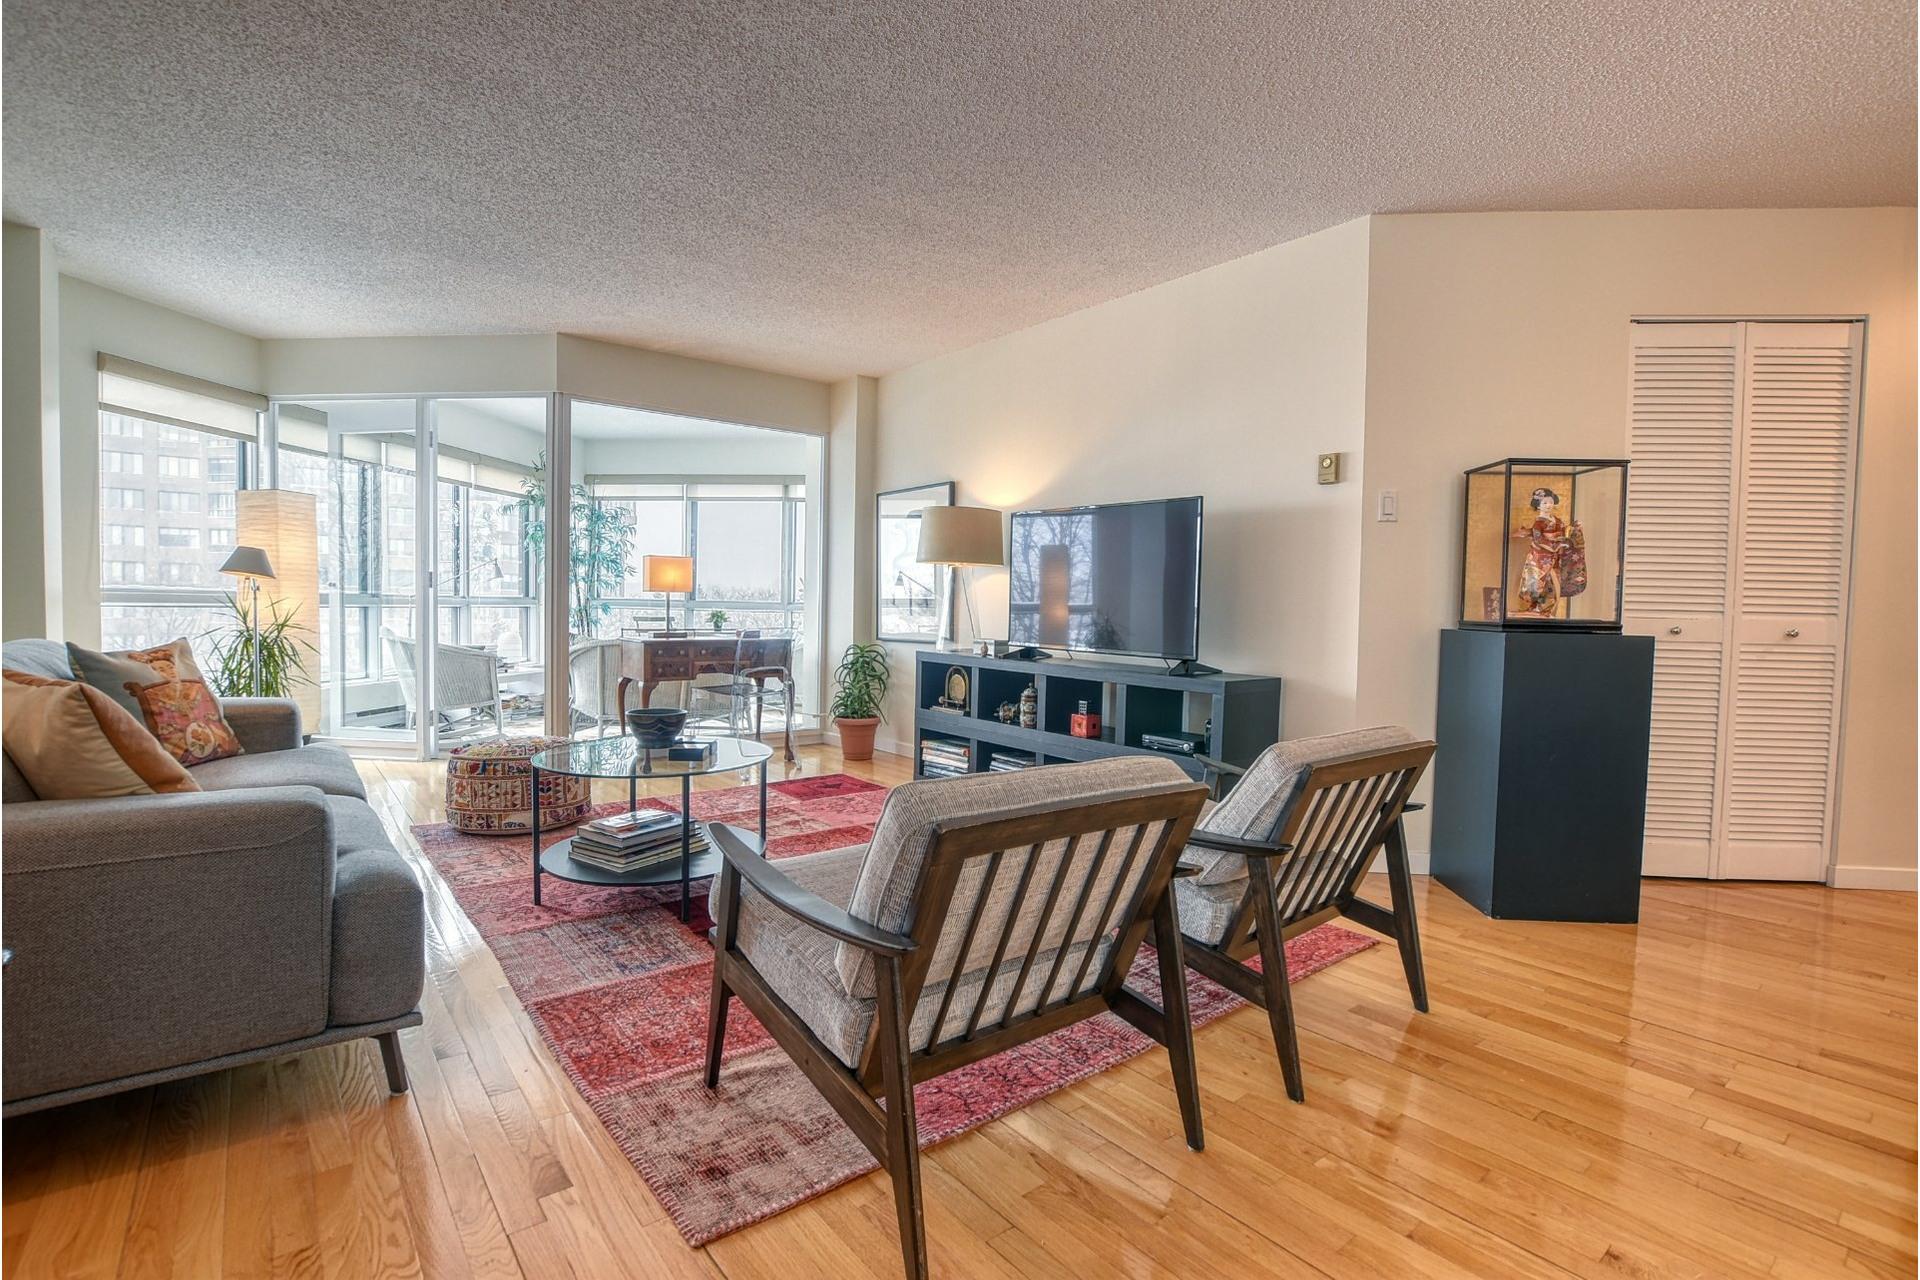 image 5 - Appartement À vendre Verdun/Île-des-Soeurs Montréal  - 6 pièces